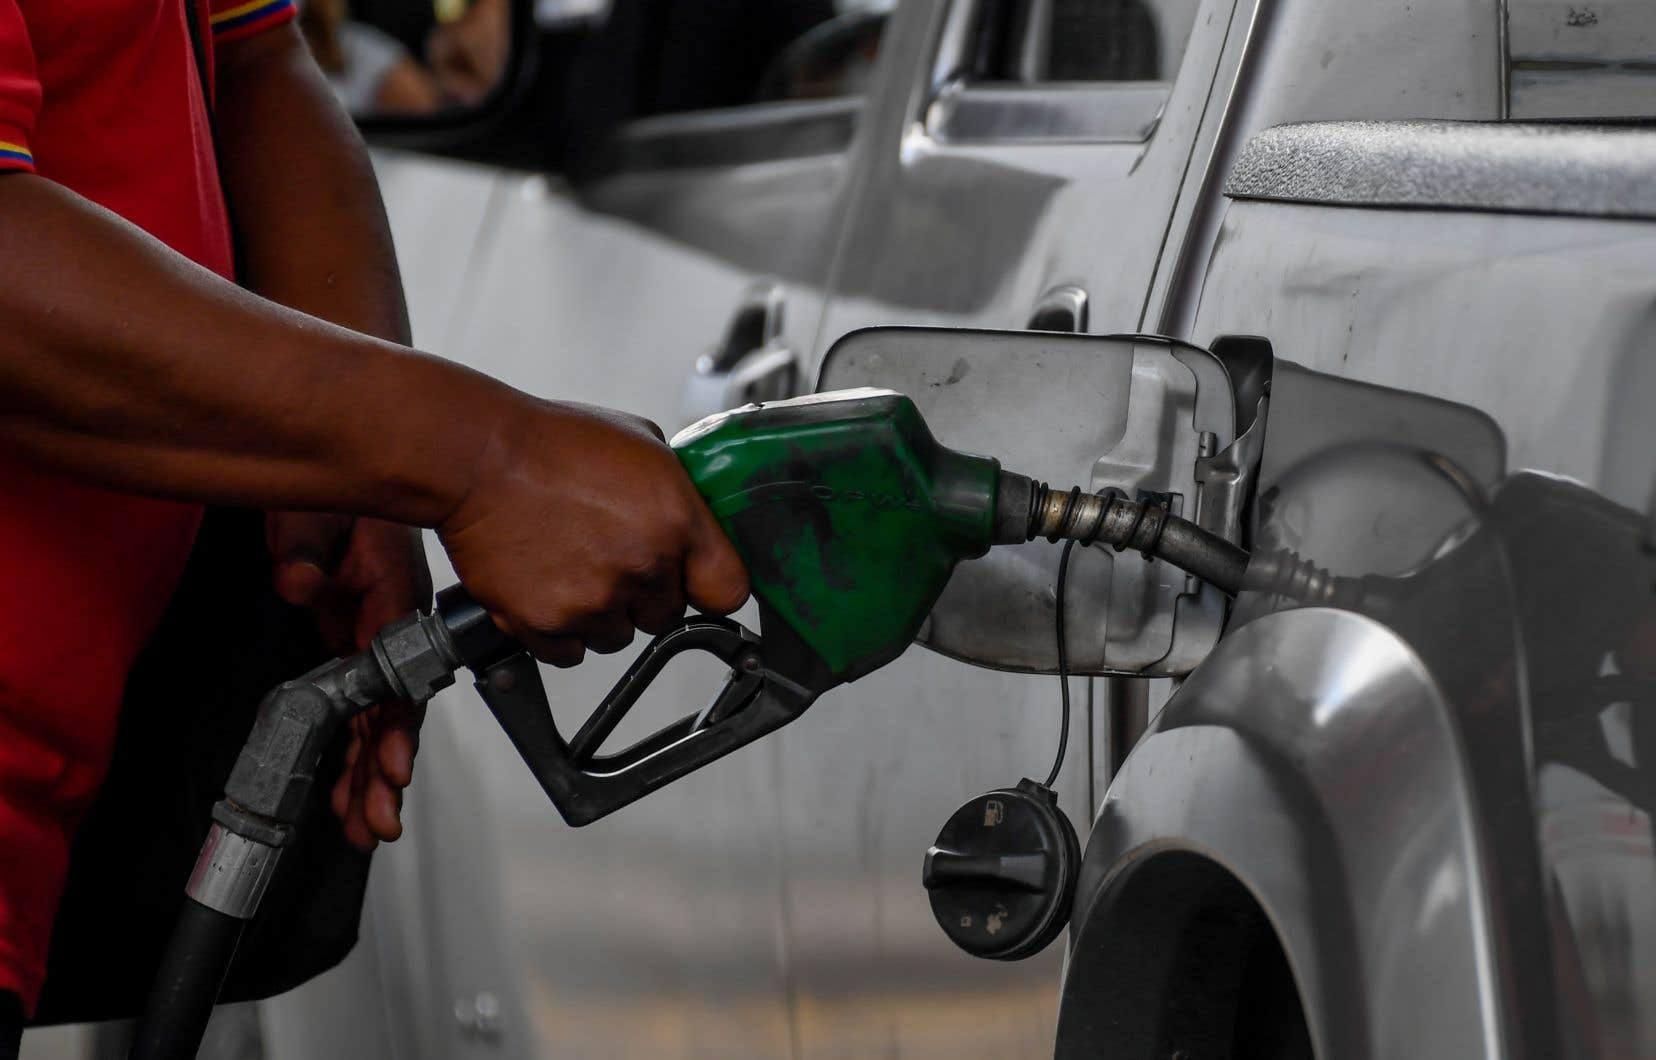 <p>Le Venzuela, qui traverse une profonde crise économique, connaît également une pénurie d'essence, faute de raffineries opérationnelles.</p>